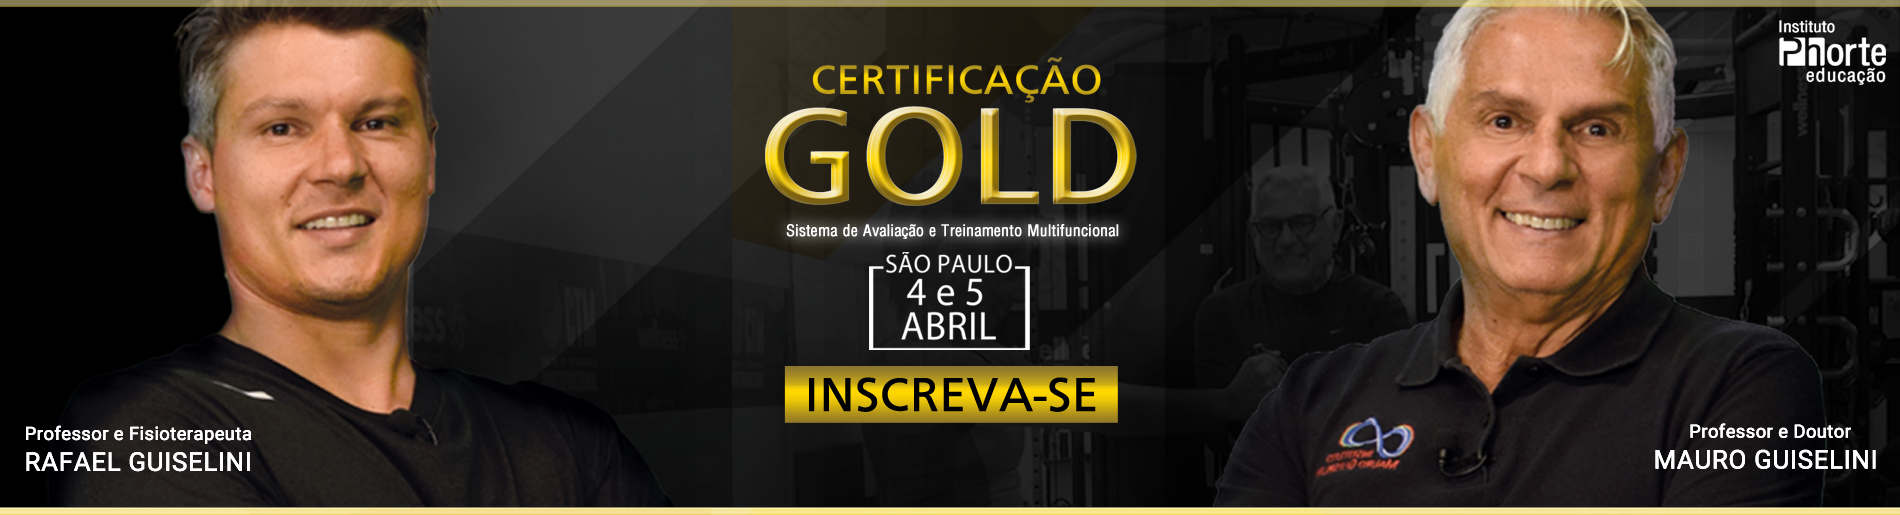 certificação gold